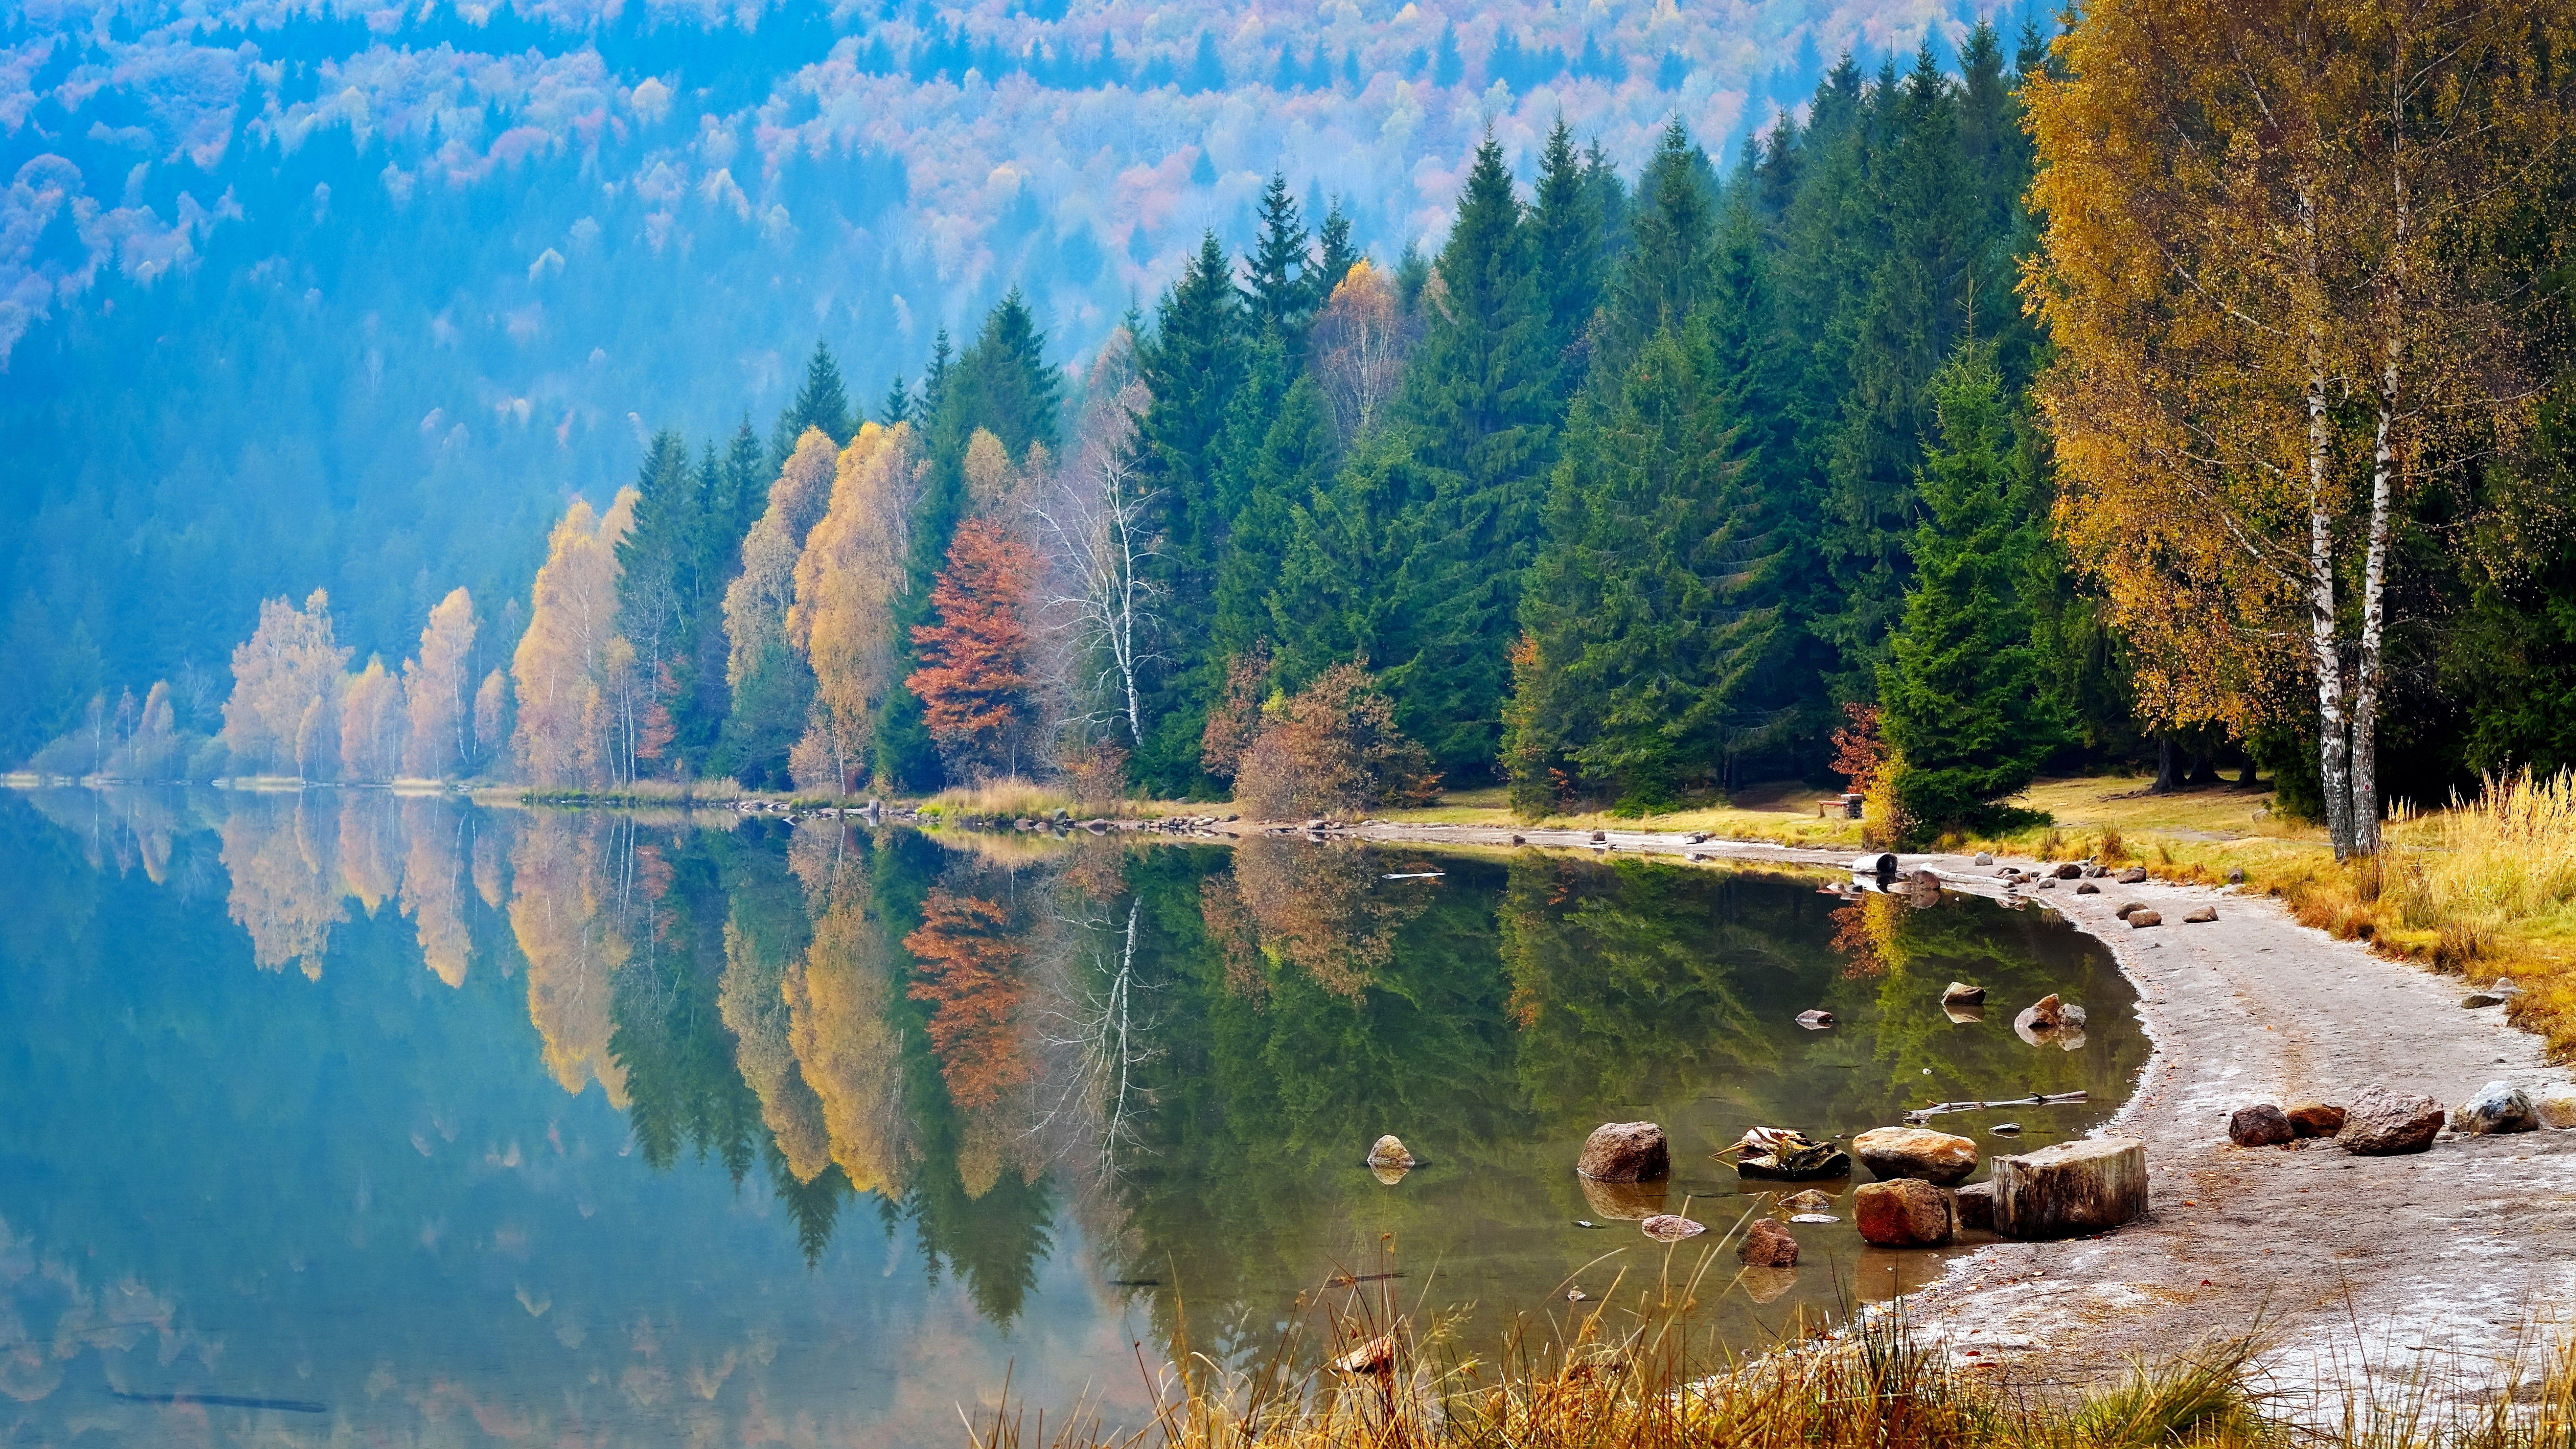 Nature Full Size Desktop 7680x4320 8k Wallpaper Hdwallpaper Desktop Nature Background Images Nature Landscape